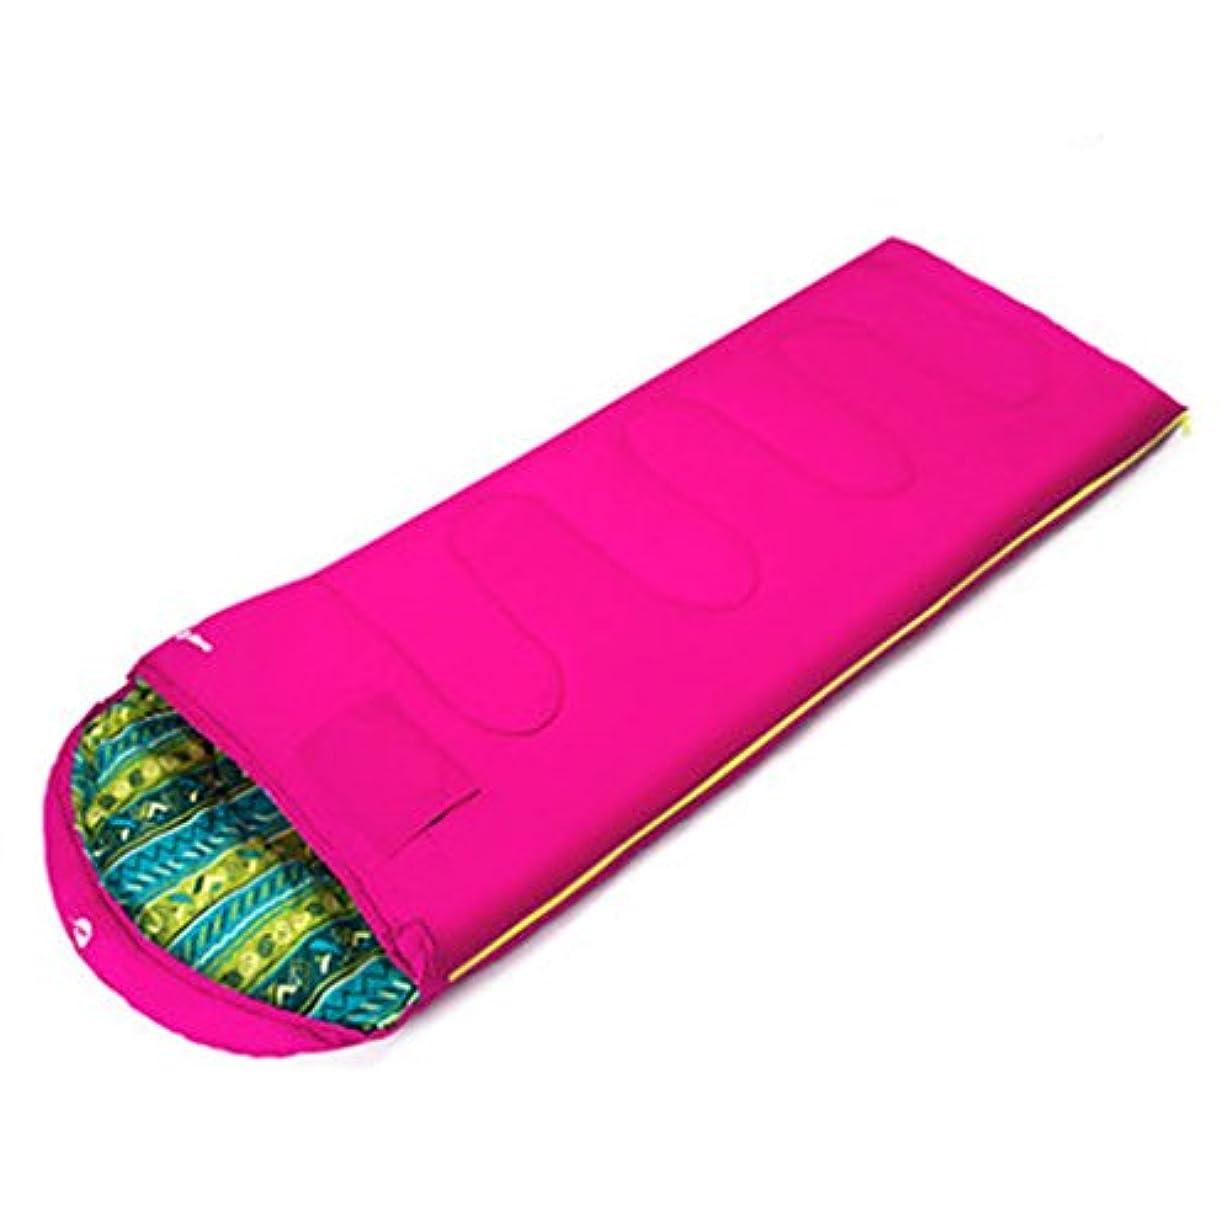 幼児魔術精通した折りたたみ式ベッド 寝袋大人の屋内の厚い暖かい屋外キャンプの冬の内臓羽毛の寝袋180 * 75 cm適切な温度-5°C -0°C (Color : Pink)